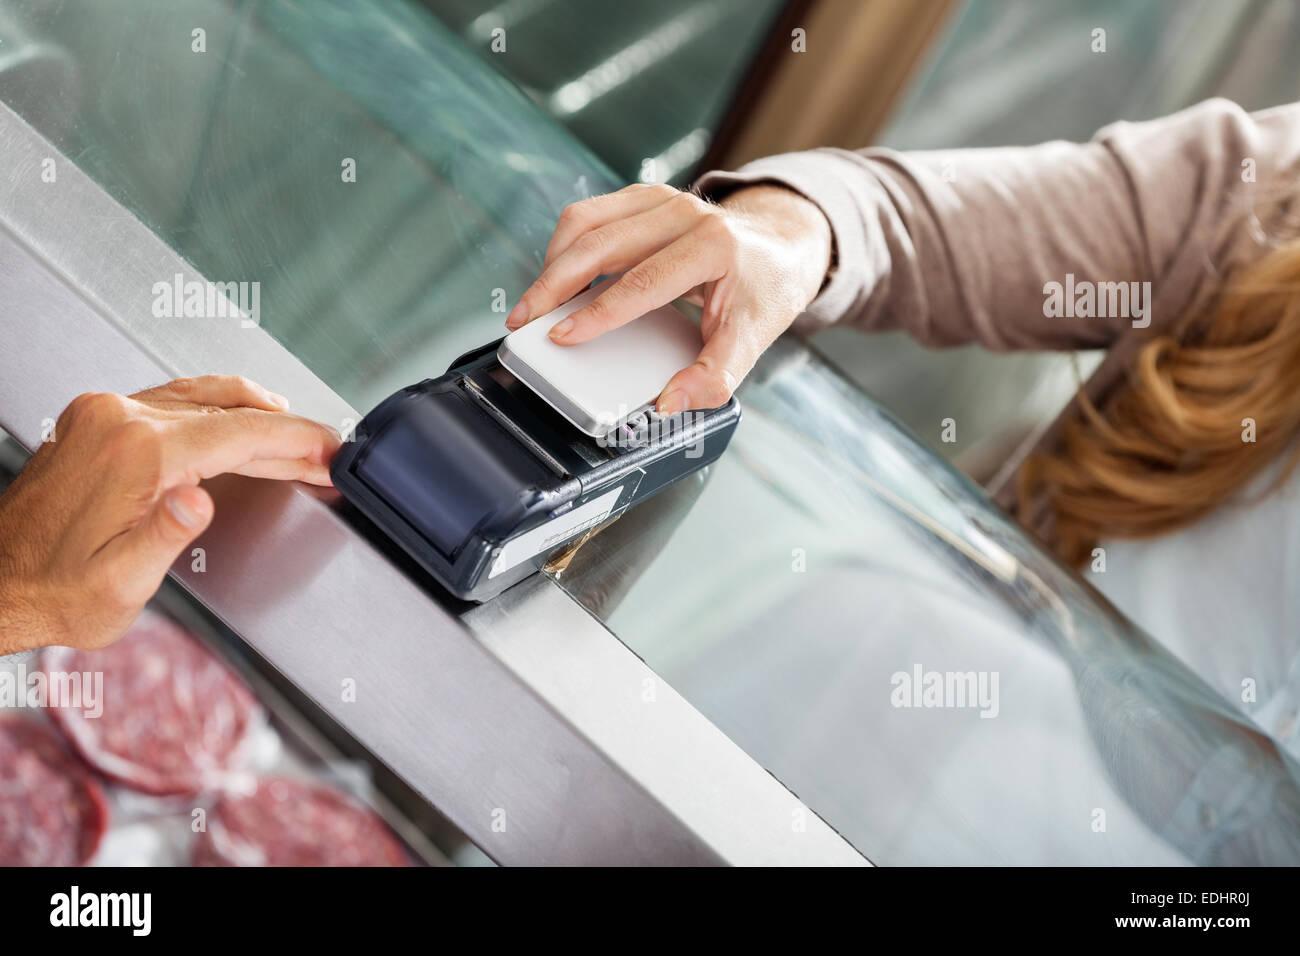 El cliente, haciendo el pago a través de smartphone en carnicería Imagen De Stock